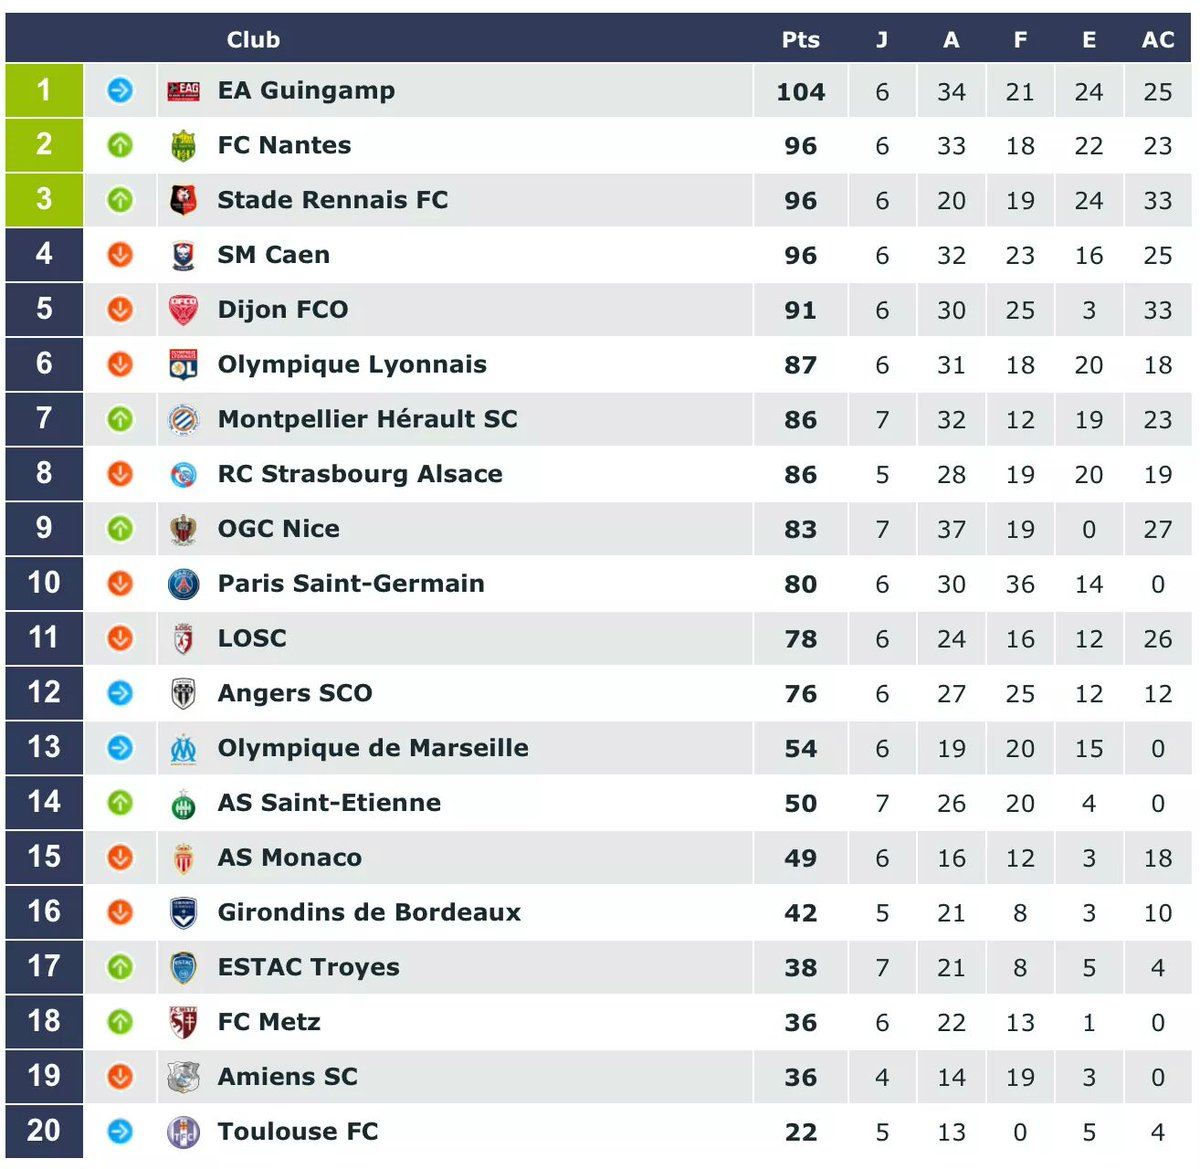 #FOOTBALL  #Championnat des #Tribunes  #Ligue1Conforama  #classement  #EAG #FCN#SRFC #SMC<br>http://pic.twitter.com/KvzwFgEsFz